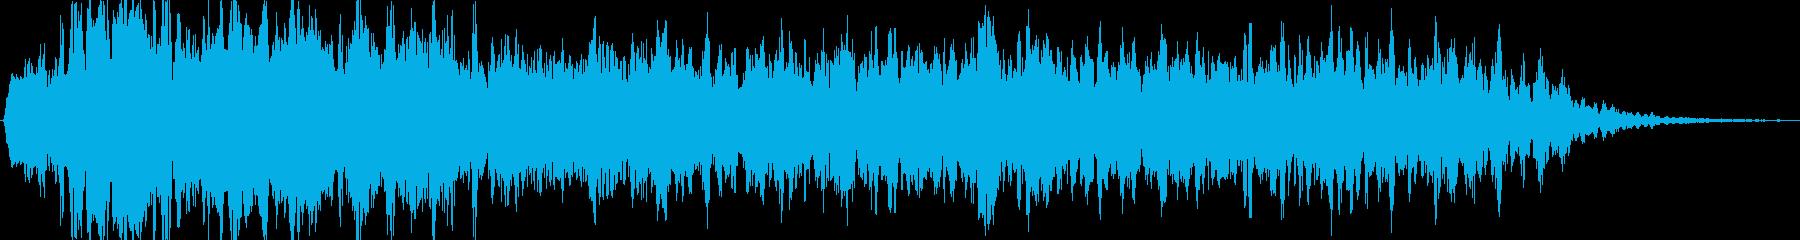 ホラー系敵接近時BGMの再生済みの波形